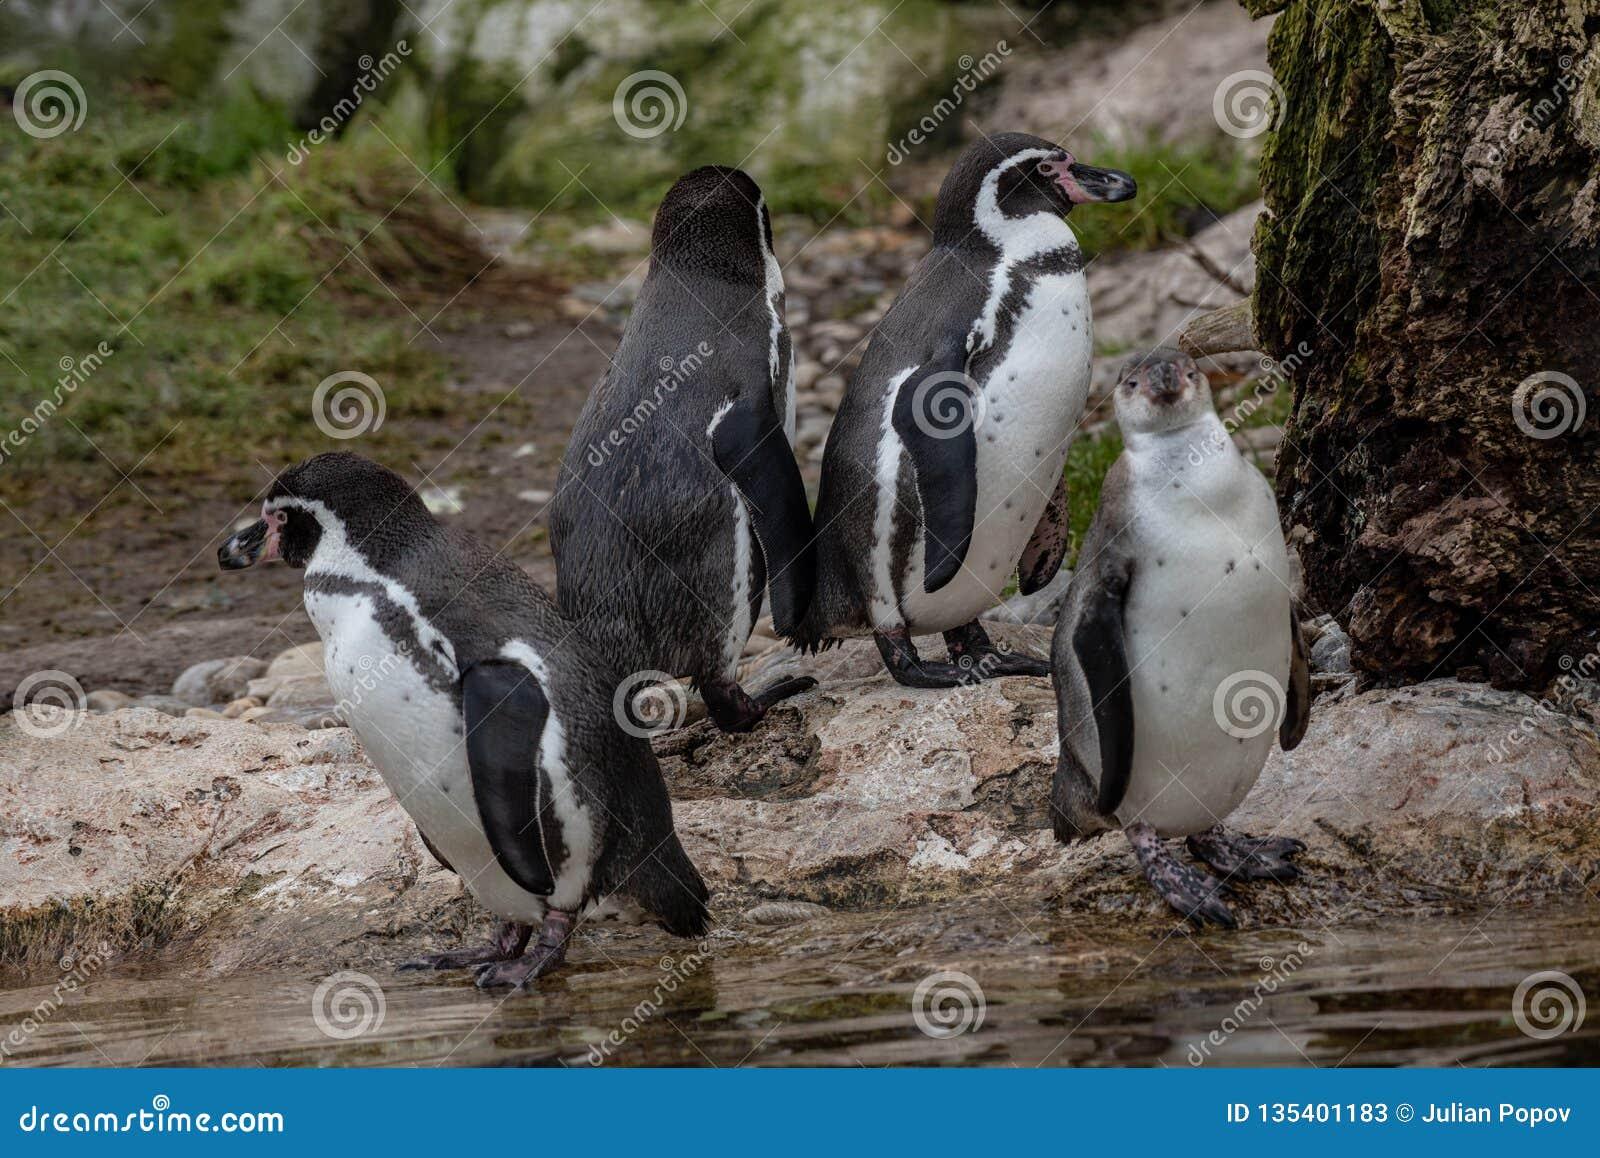 Nahes hohes Porträt des Fotos Humboldt-Pinguin Spheniscus humboldti wild lebender Tiere